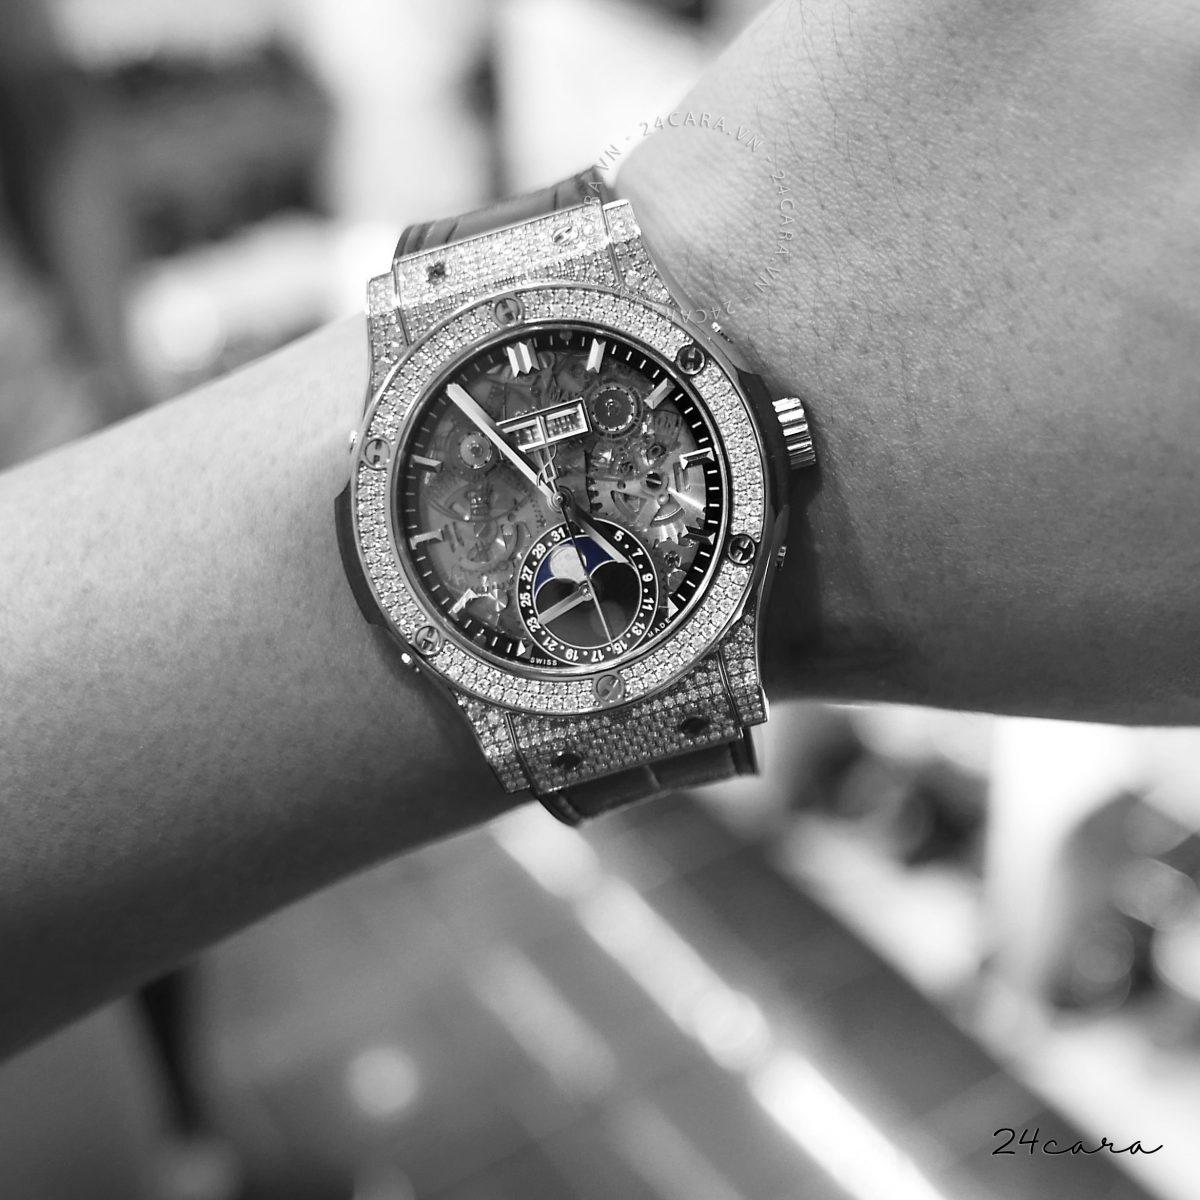 Đồng hồ Hublot chính hãng giá bao nhiêu tiền ở Việt Nam?